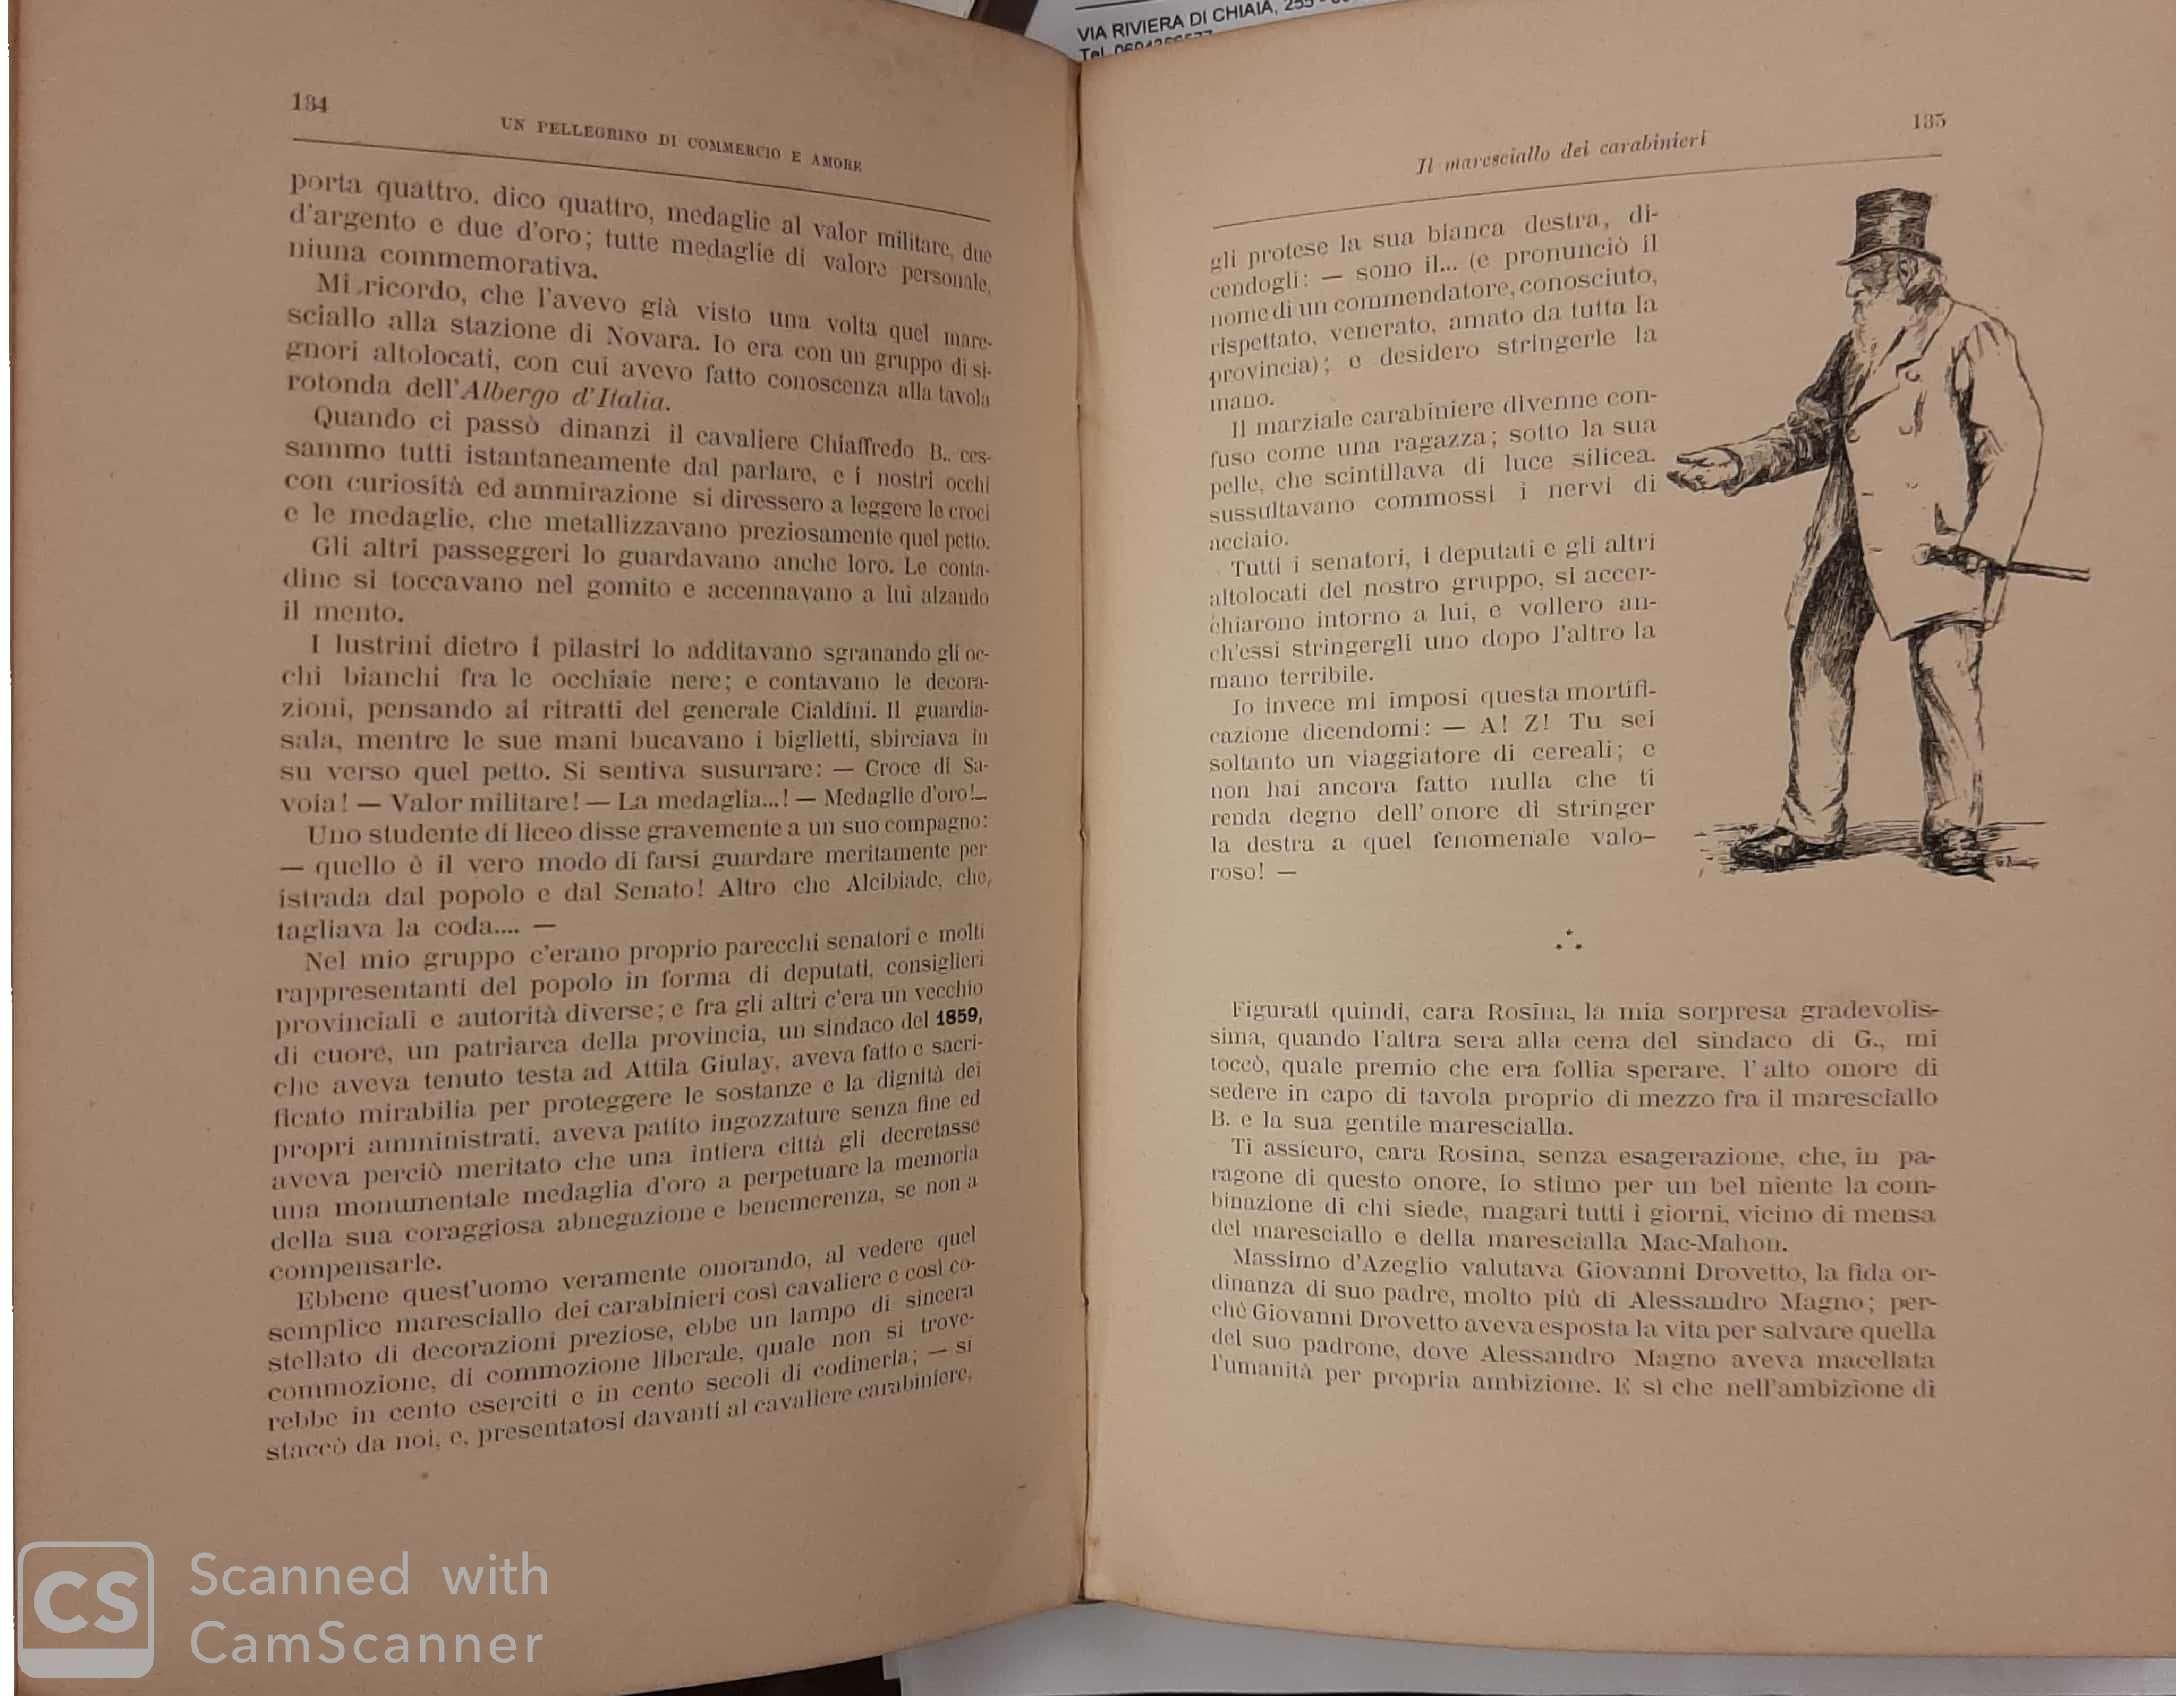 Decorazioni Lettere D Amore verbanine. lettere di apostolo zero, pellegrino di commercio e amore.  illustrate da g. ricci.